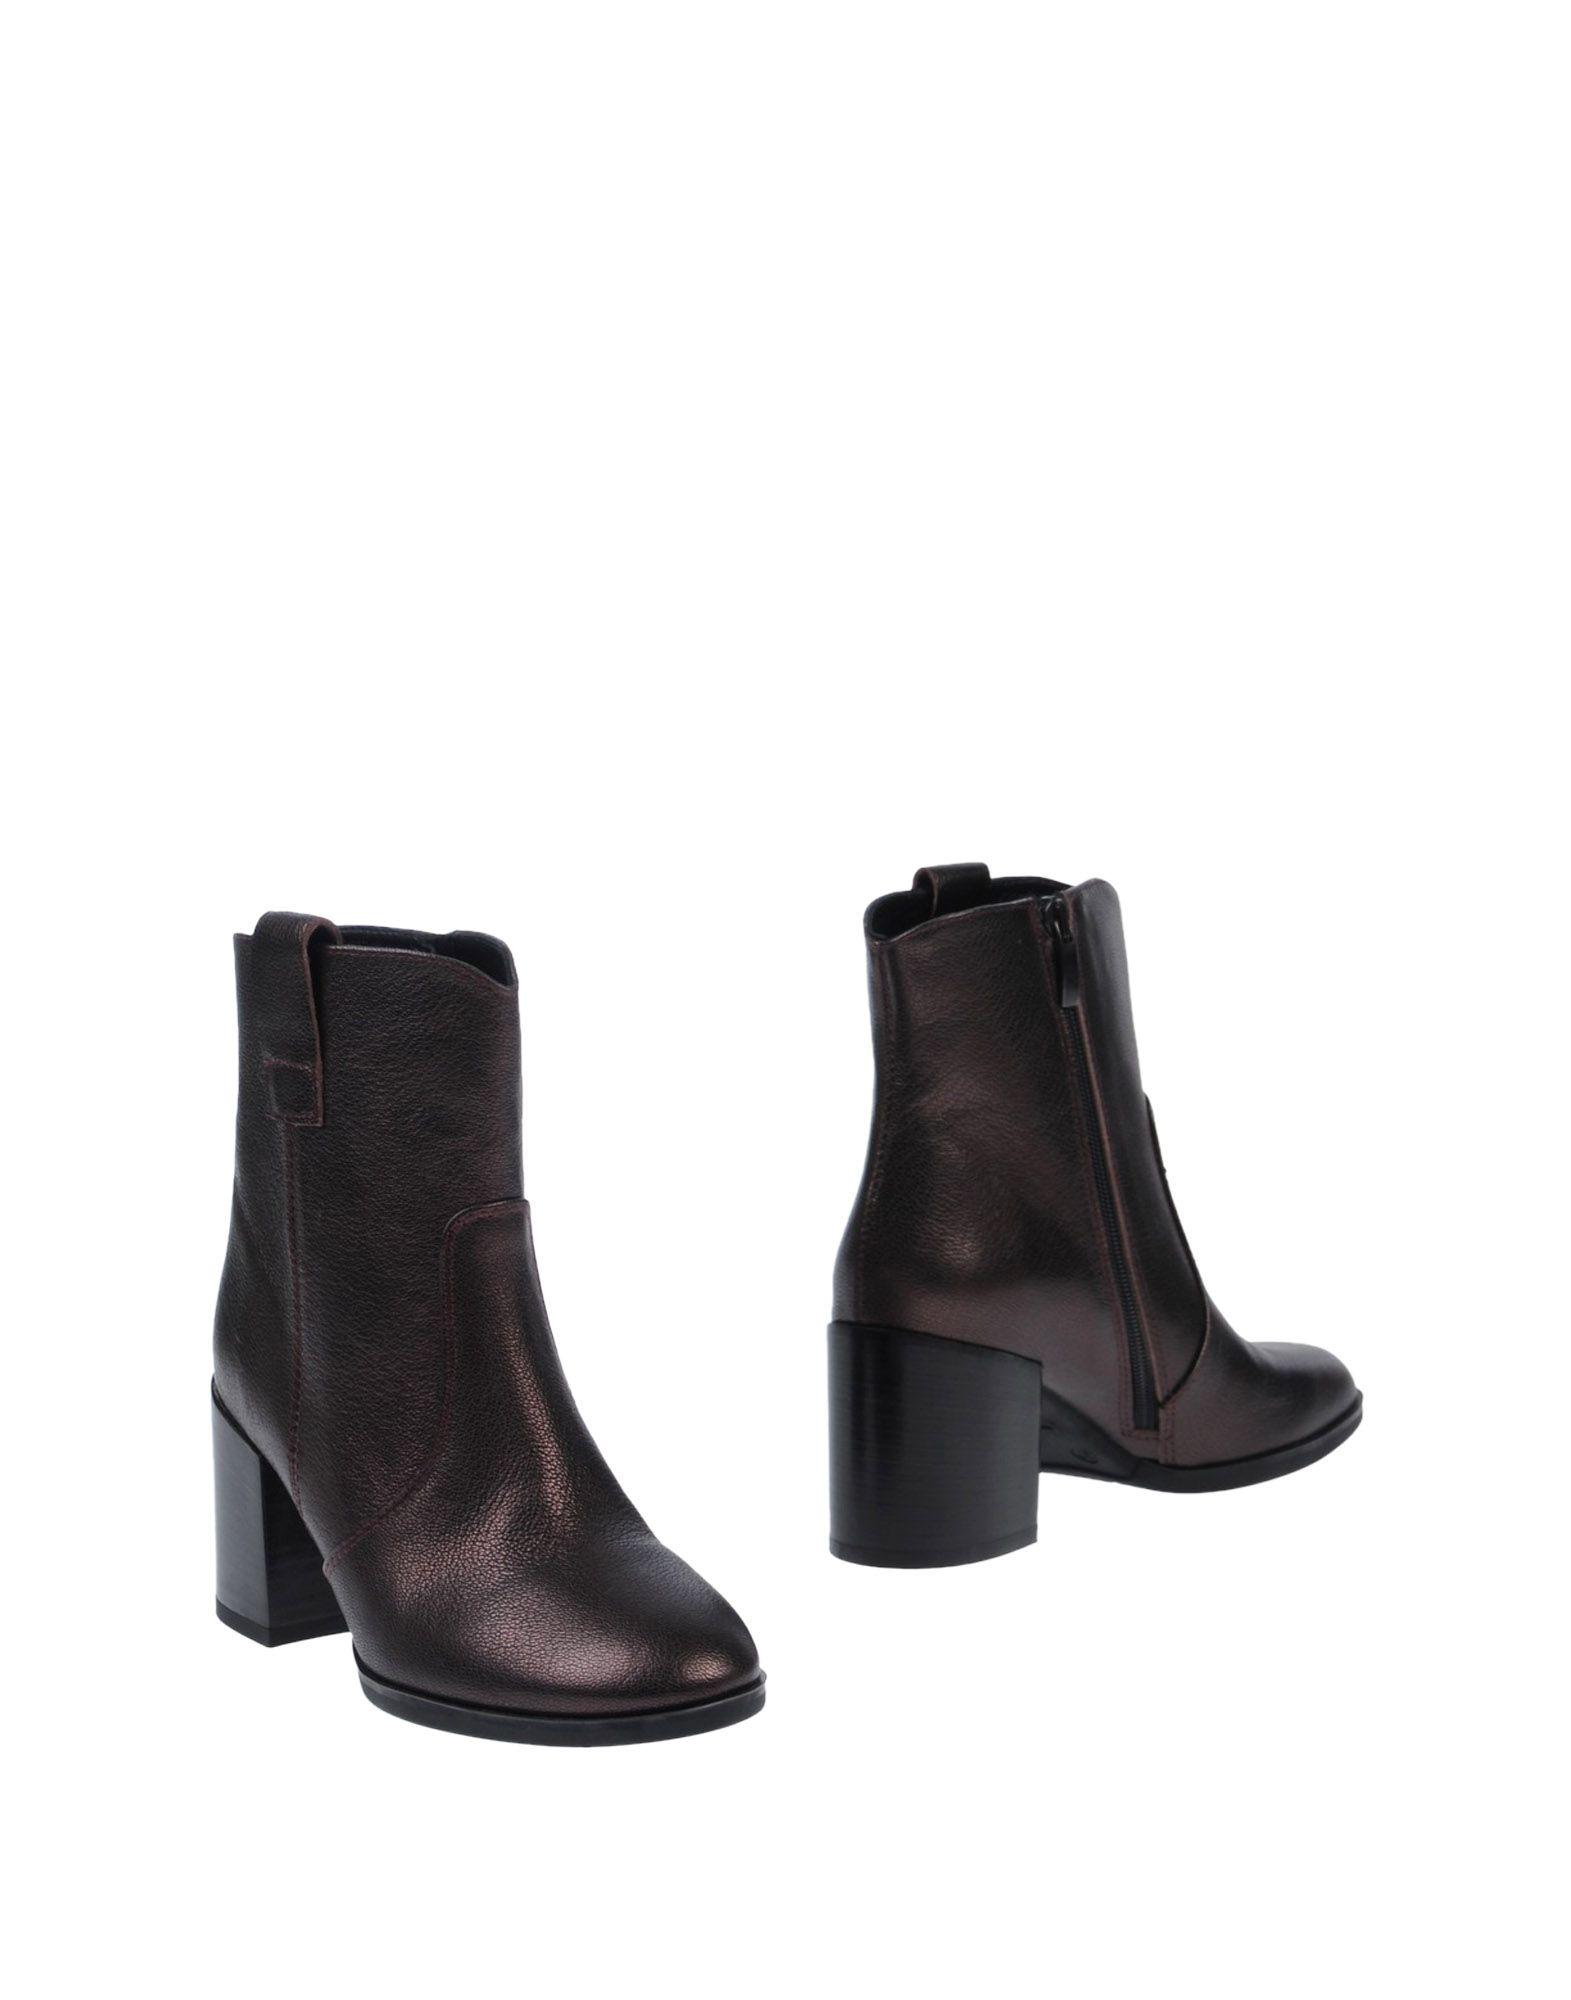 Lorenzo Mari Stiefelette Damen  11498078RC Gute Qualität beliebte Schuhe